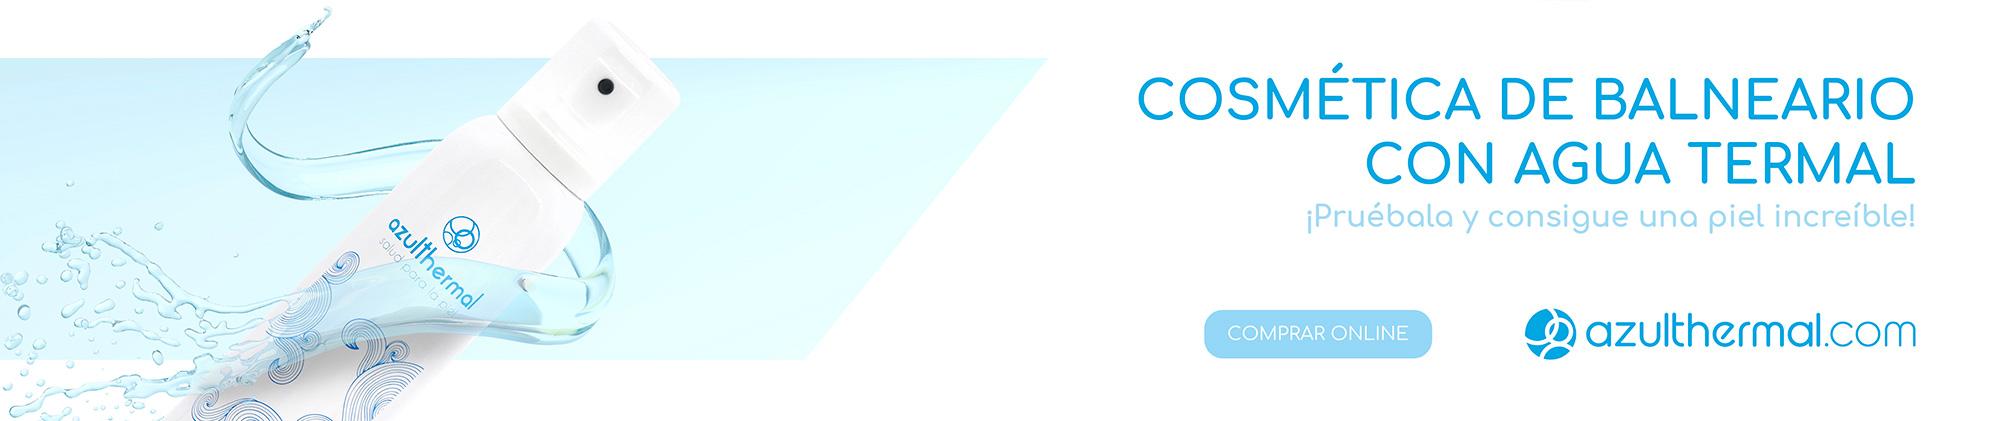 banner-azulthermal-web